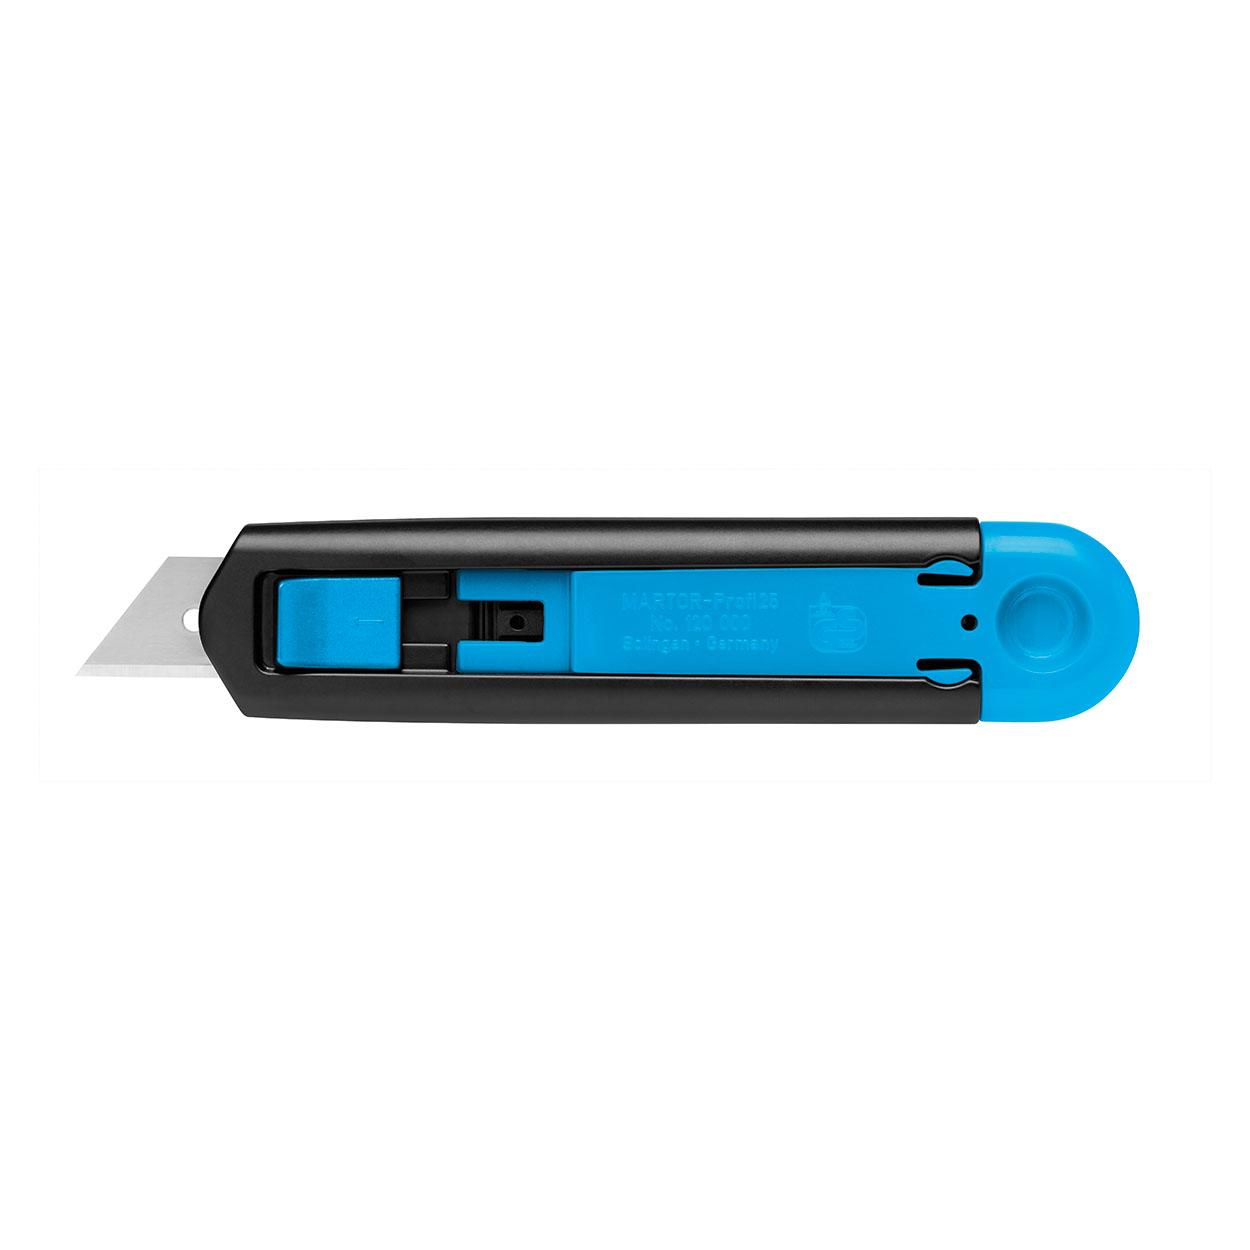 SECUNORM PROFI25 - bezpieczny nóż z wysuwanym ostrzem